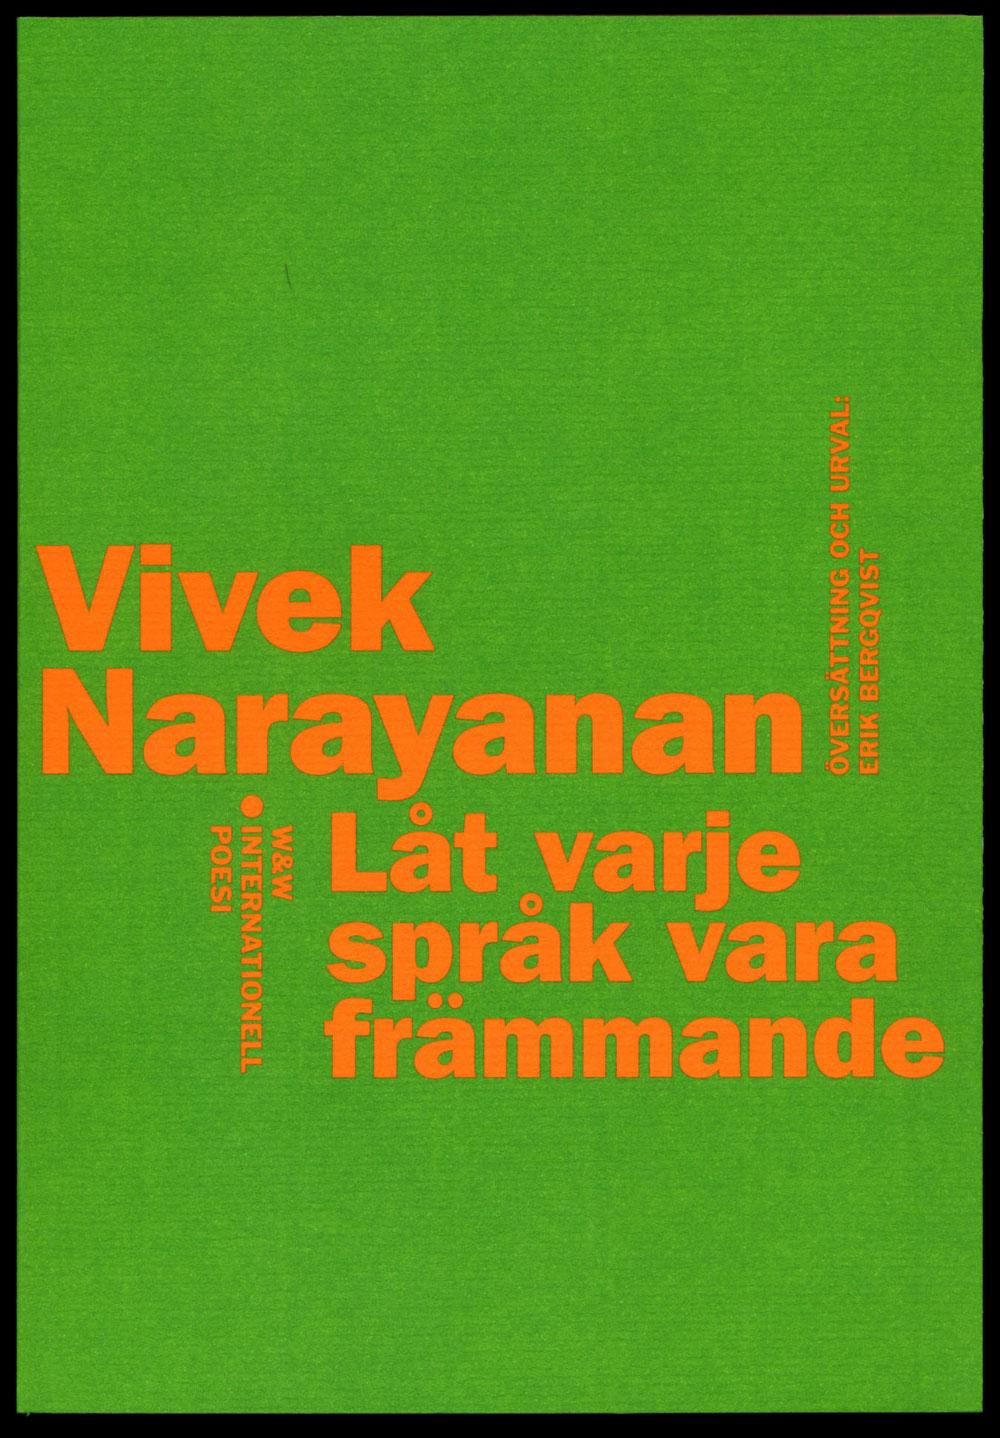 Vivek Narayanan Låt varje språk vara främmande Wahlström & Widstrands serie med internationell poesi